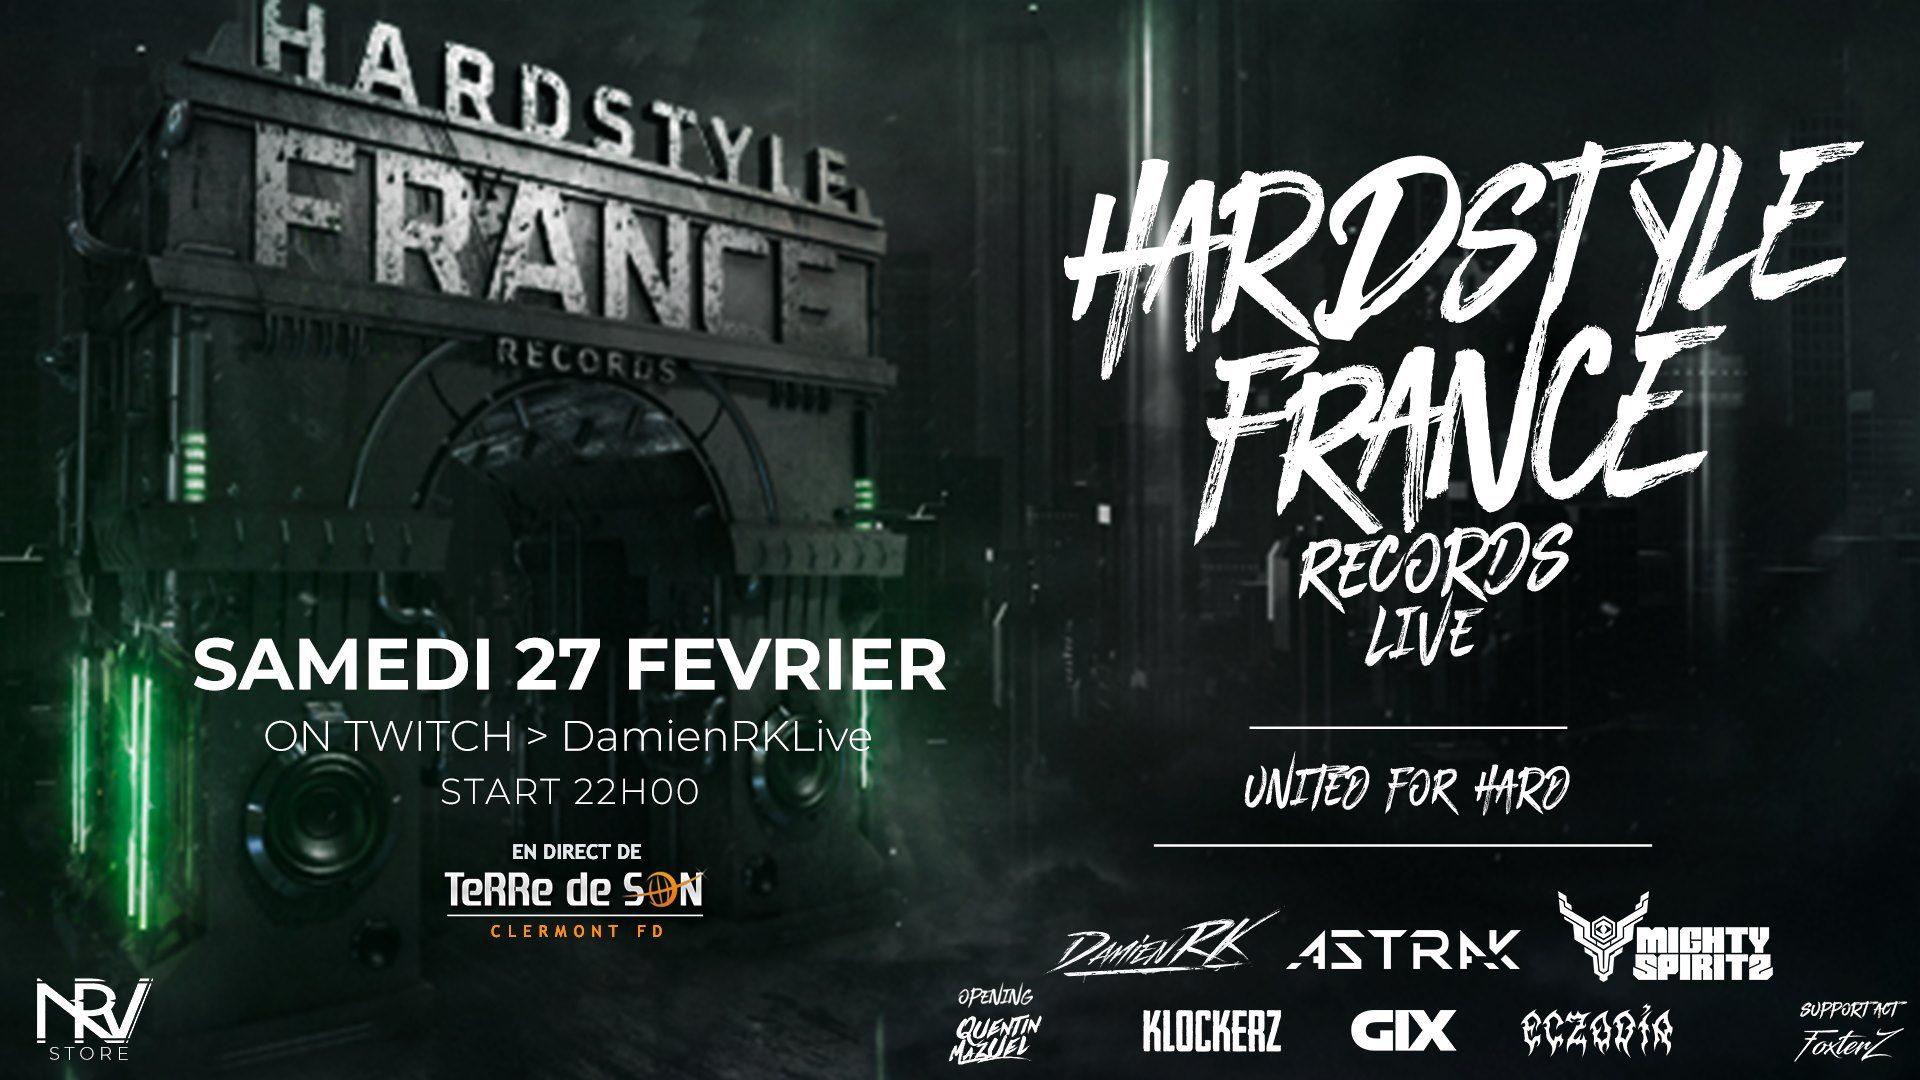 hardstyle france united for hard